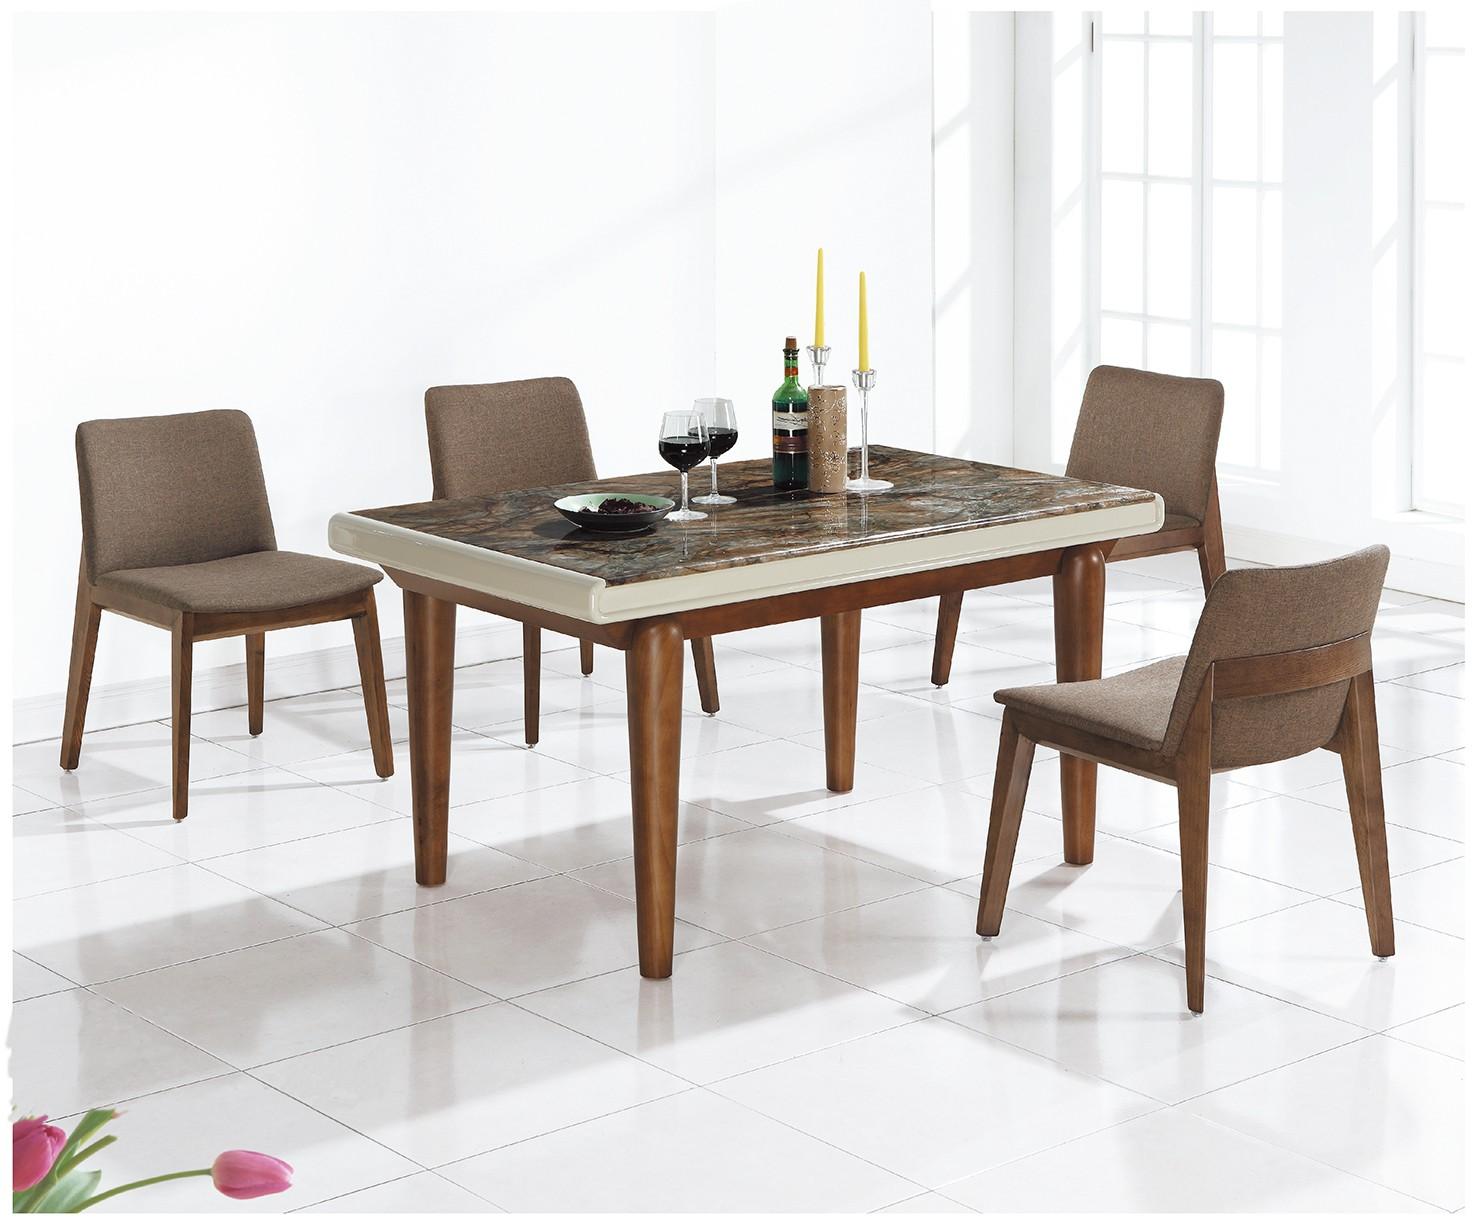 (H1502)4.6尺餐桌椅(1桌4椅)